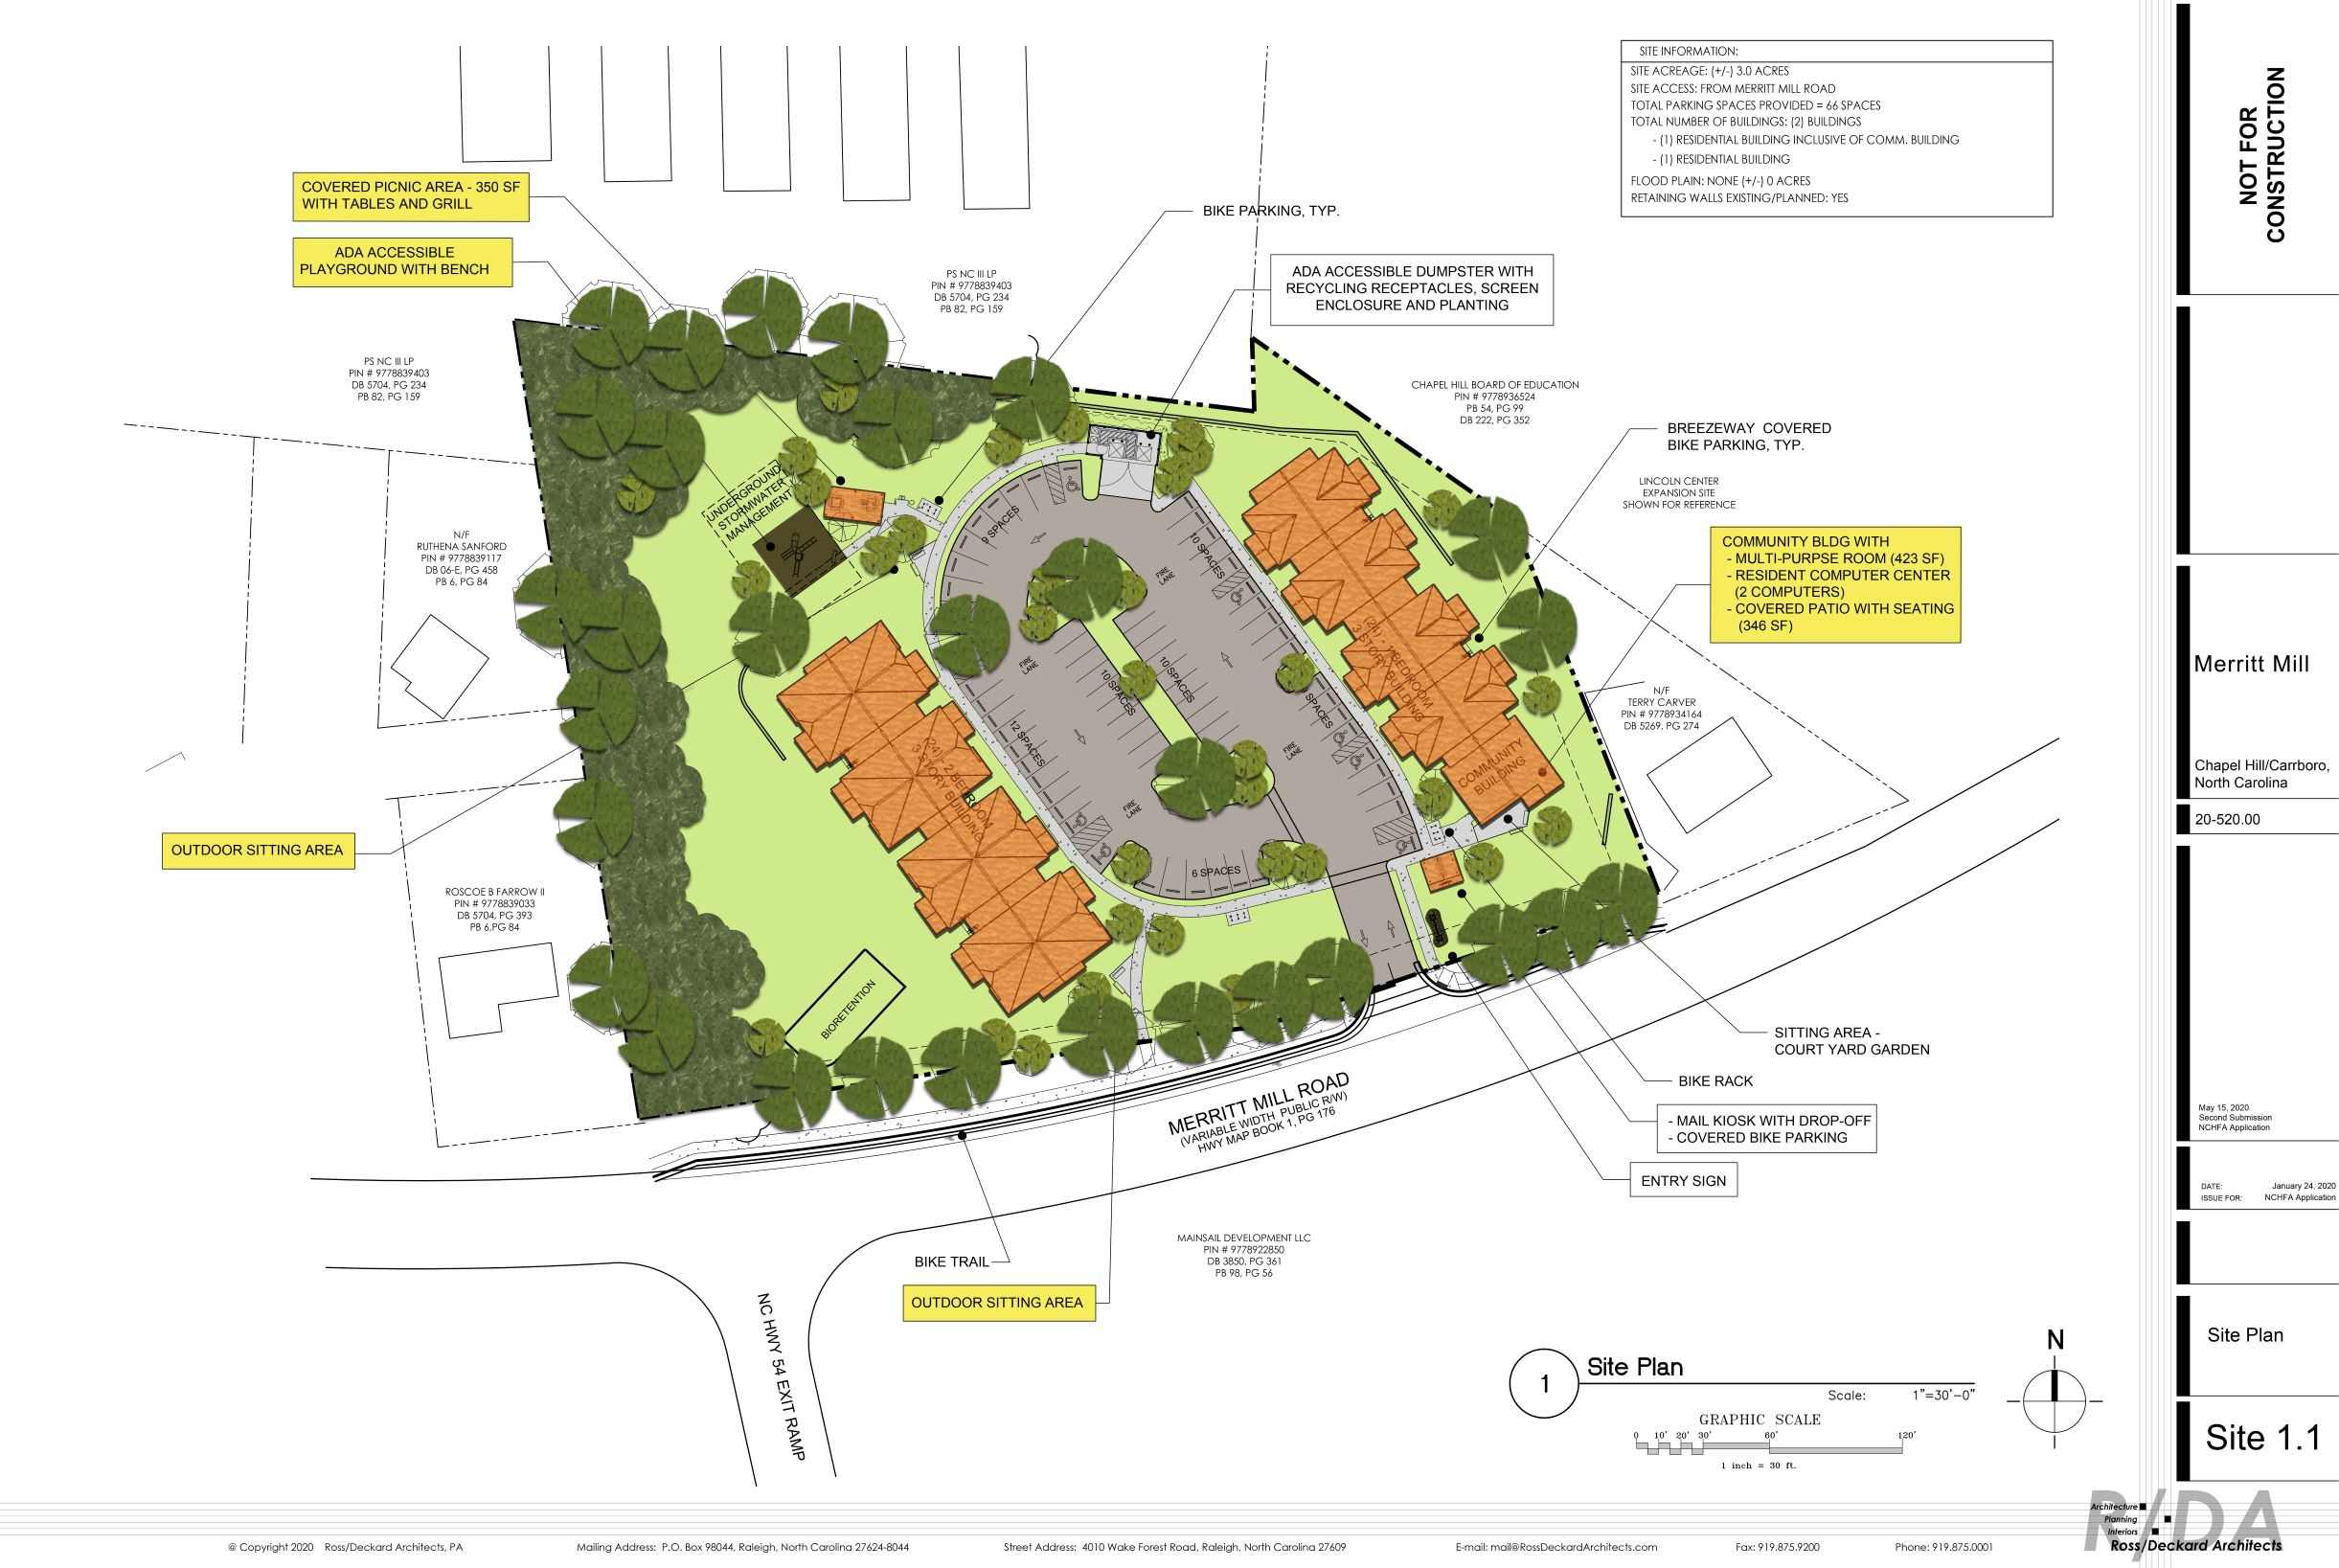 Merritt Mill Site Plan